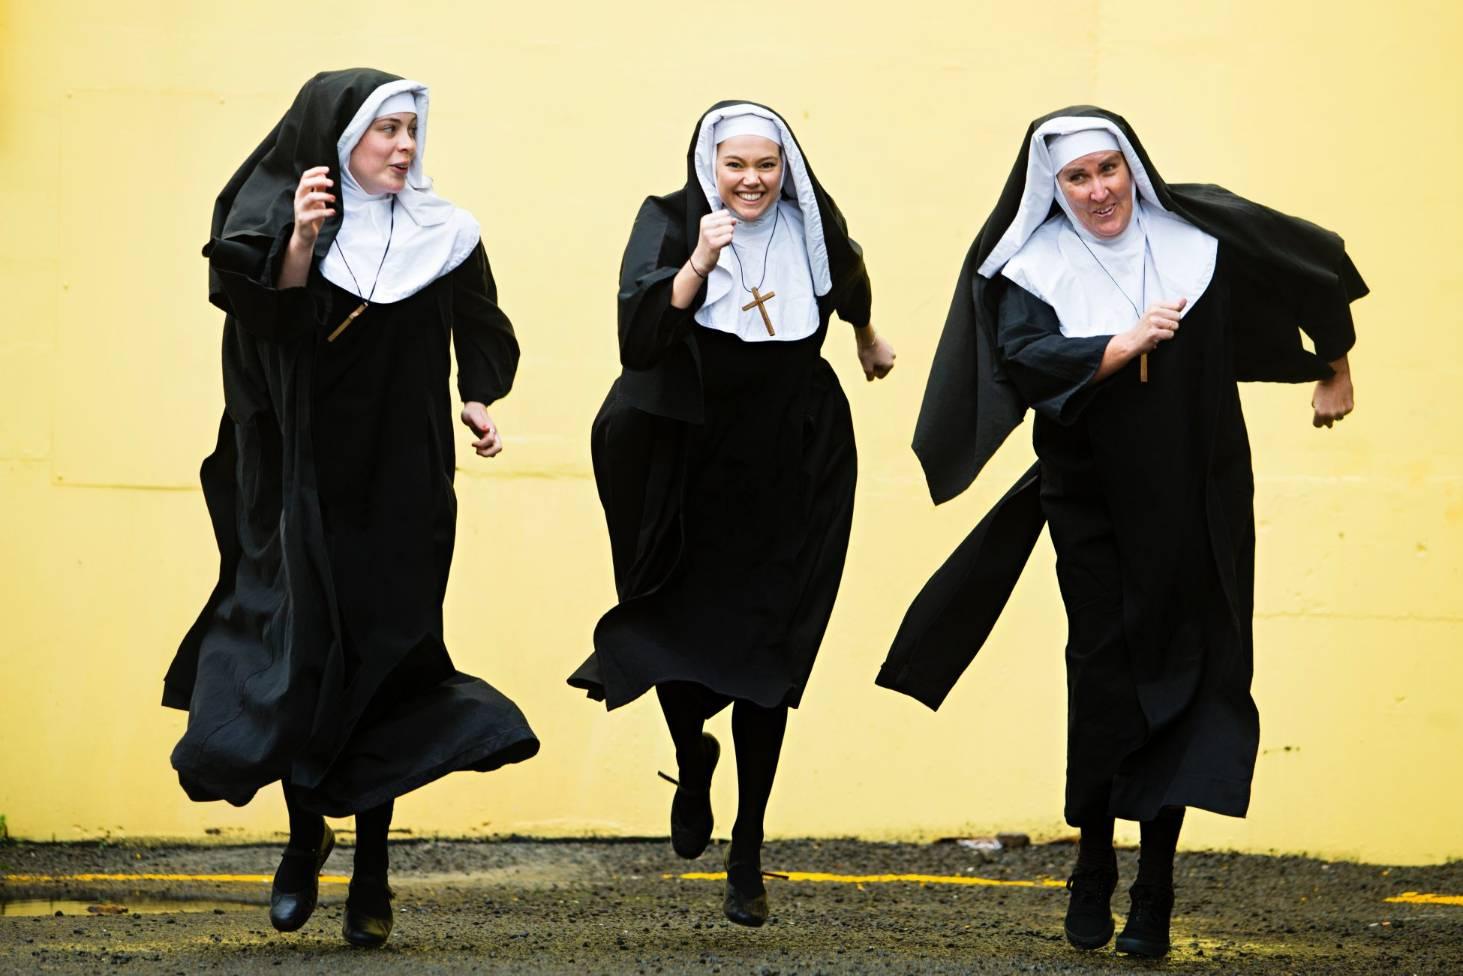 Running Nuns!